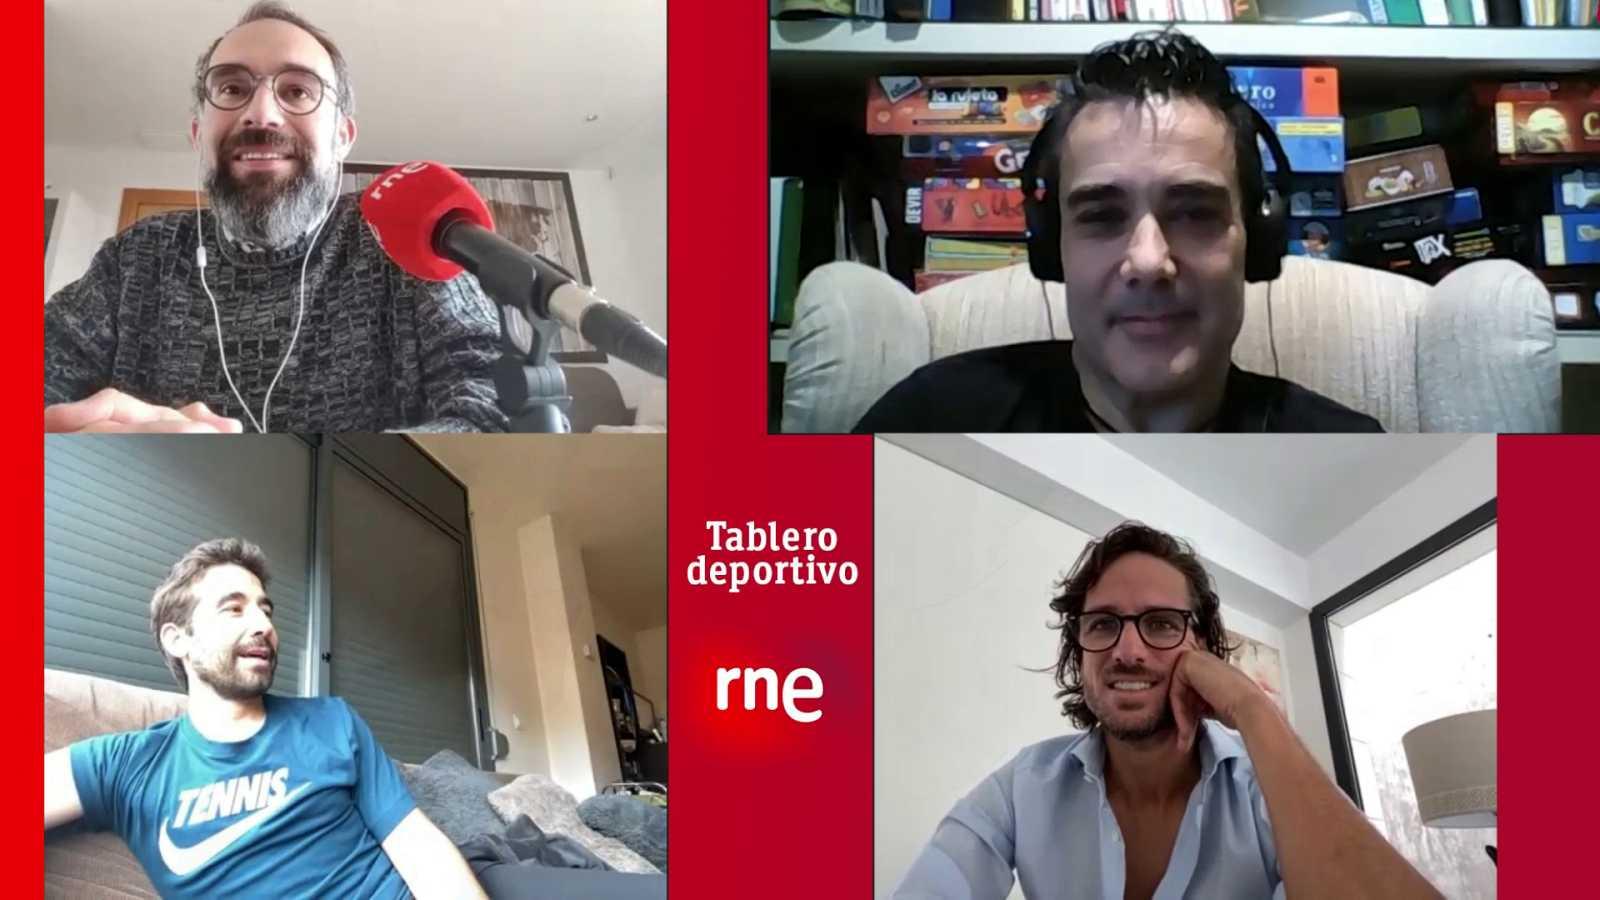 Tablero deportivo - Marc y Feliciano: Los Superlópez en 'Tablero deportivo' - Ver ahora